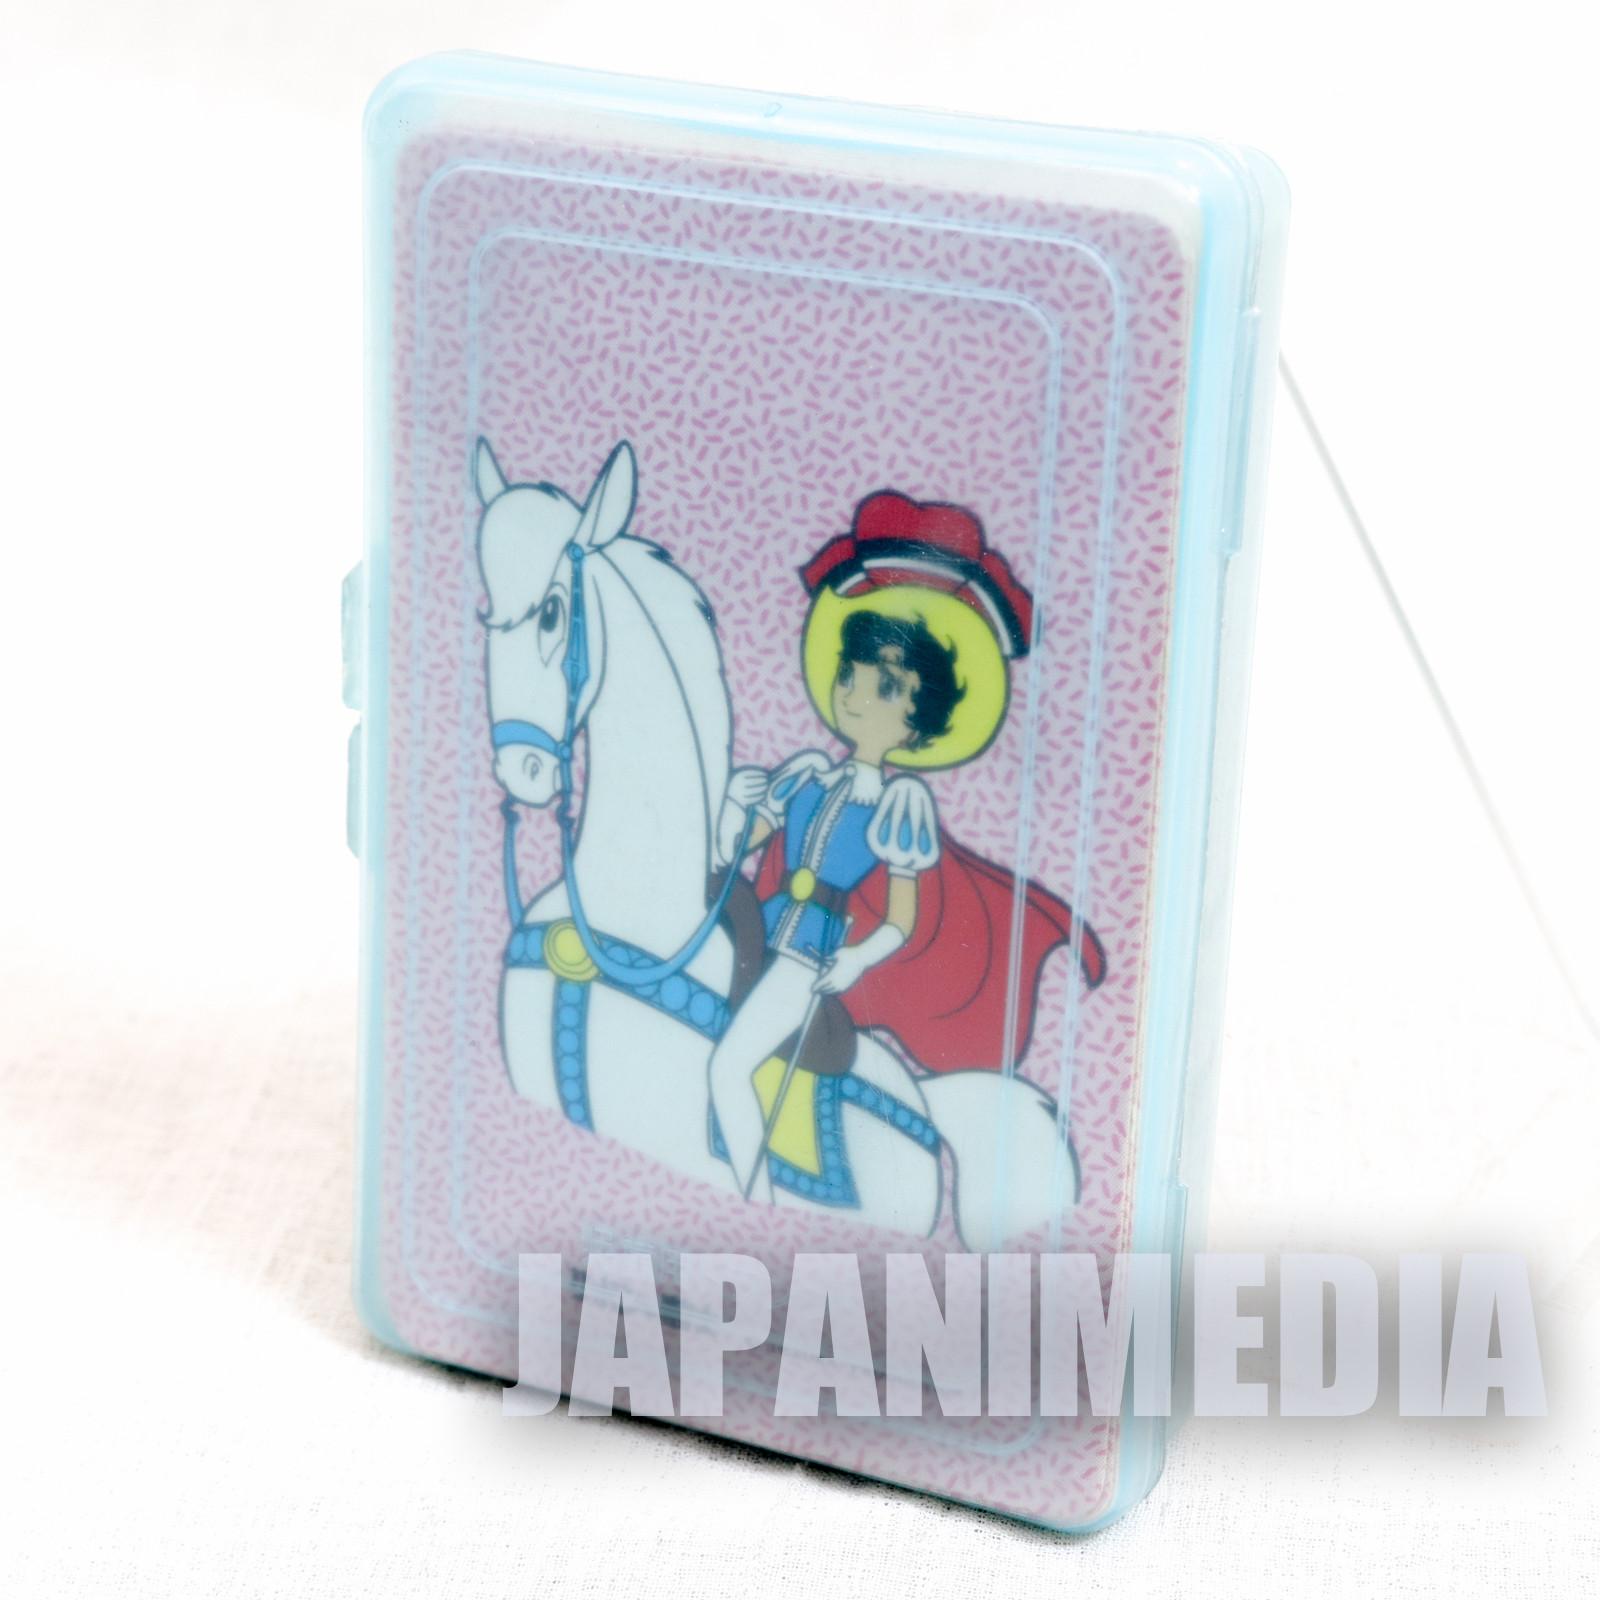 Retro Princess Knight Sapphire Trump Playing Cards #1 Tezuka Osamu JAPAN